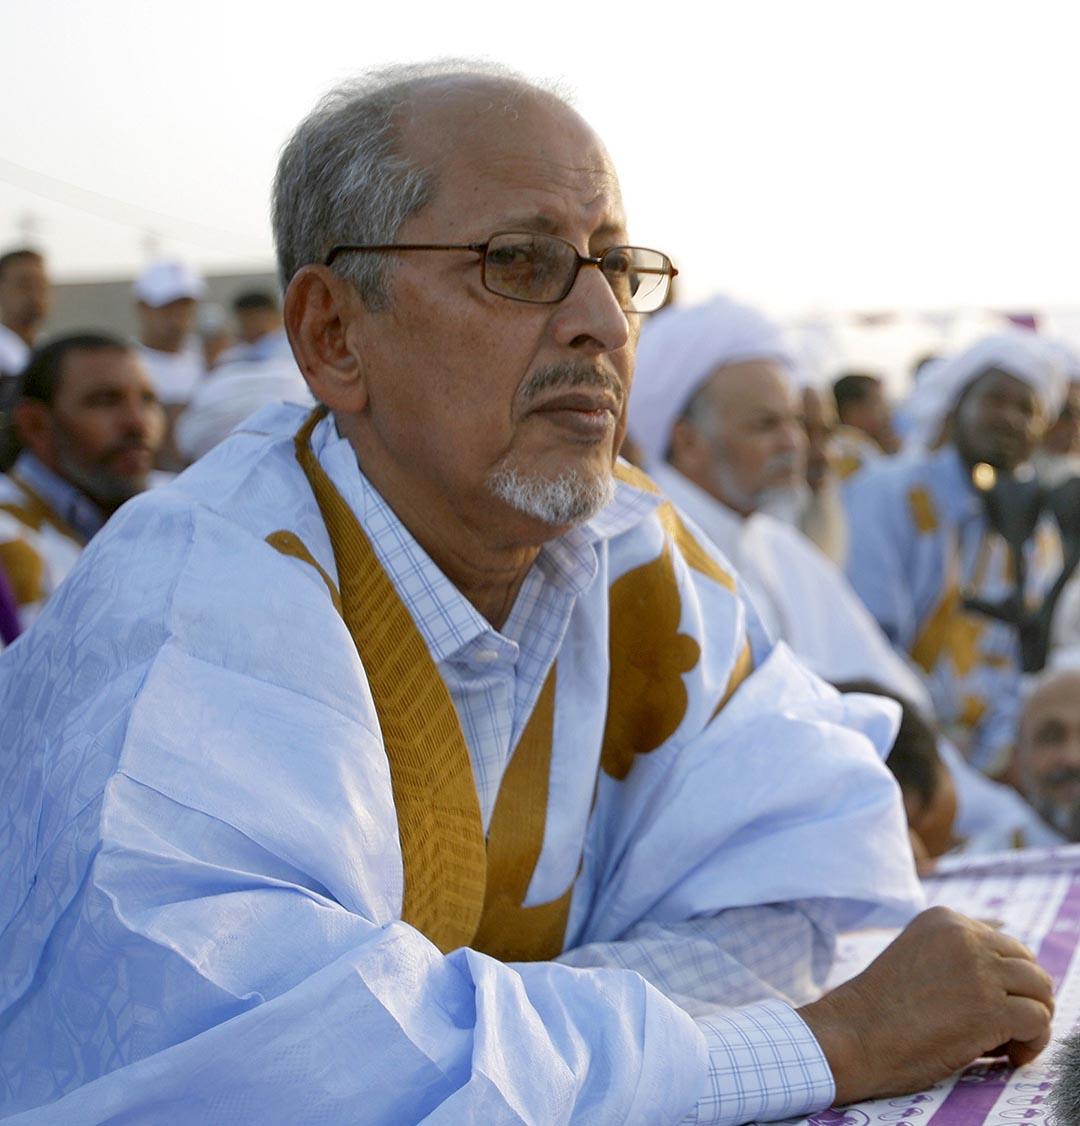 Sidi Ould Cheikh Abdallahi était arrivé au pouvoir avec le soutien de l'armée, à l'issue de la transition menée par le colonel Ely Ould Mohamed Vall après la chute de Maaouiya Ould Taya.